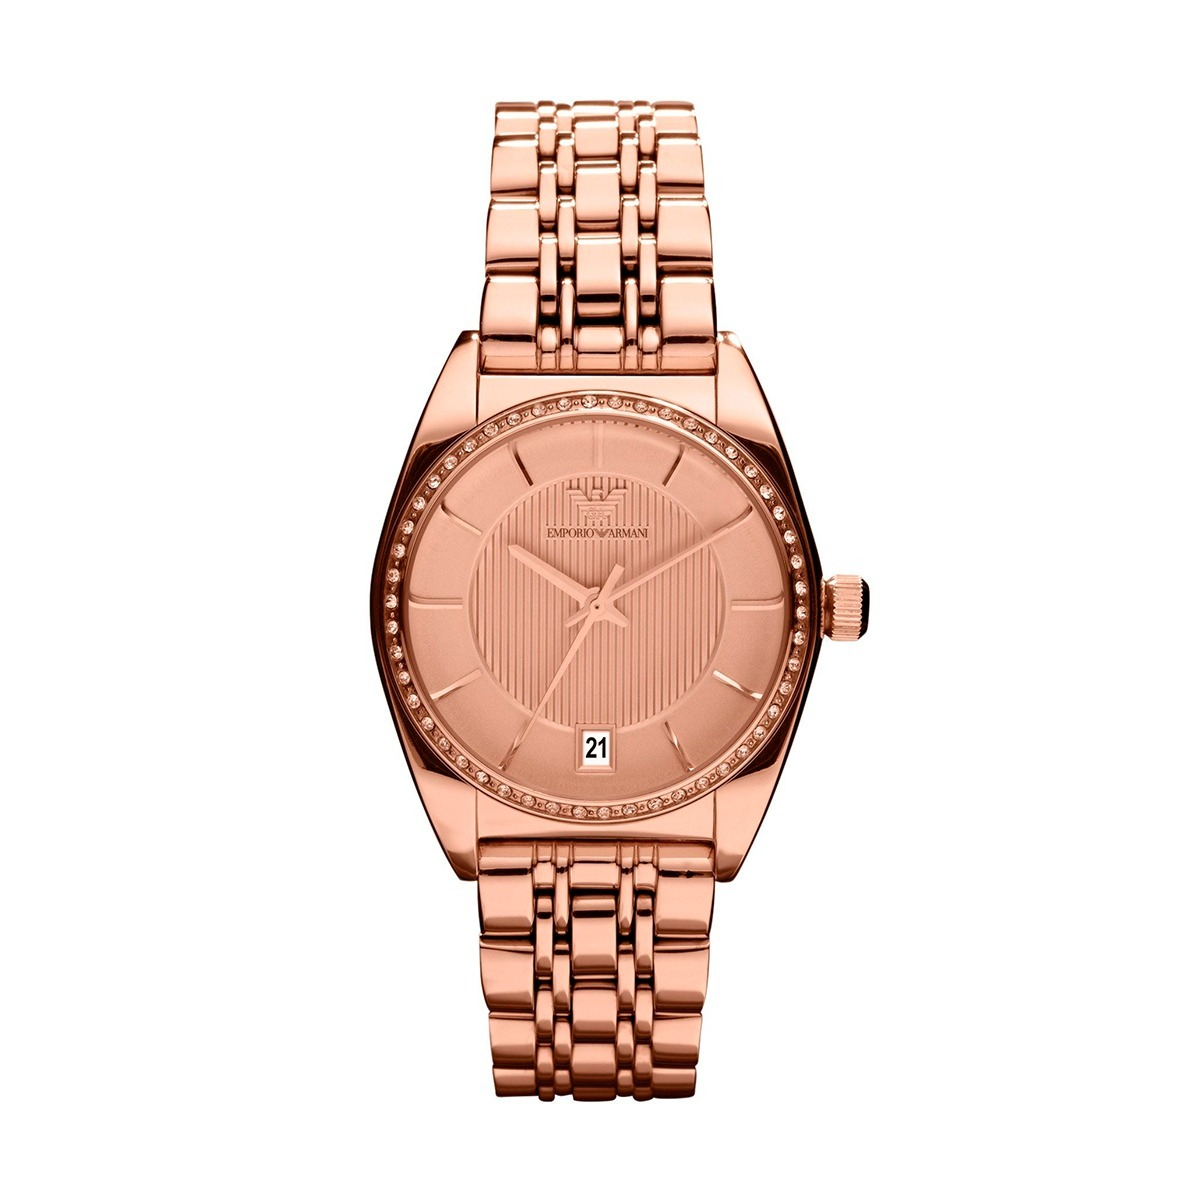 5230c3af1afb reloj emporio armani ar0381 para mujer. Cargando zoom.